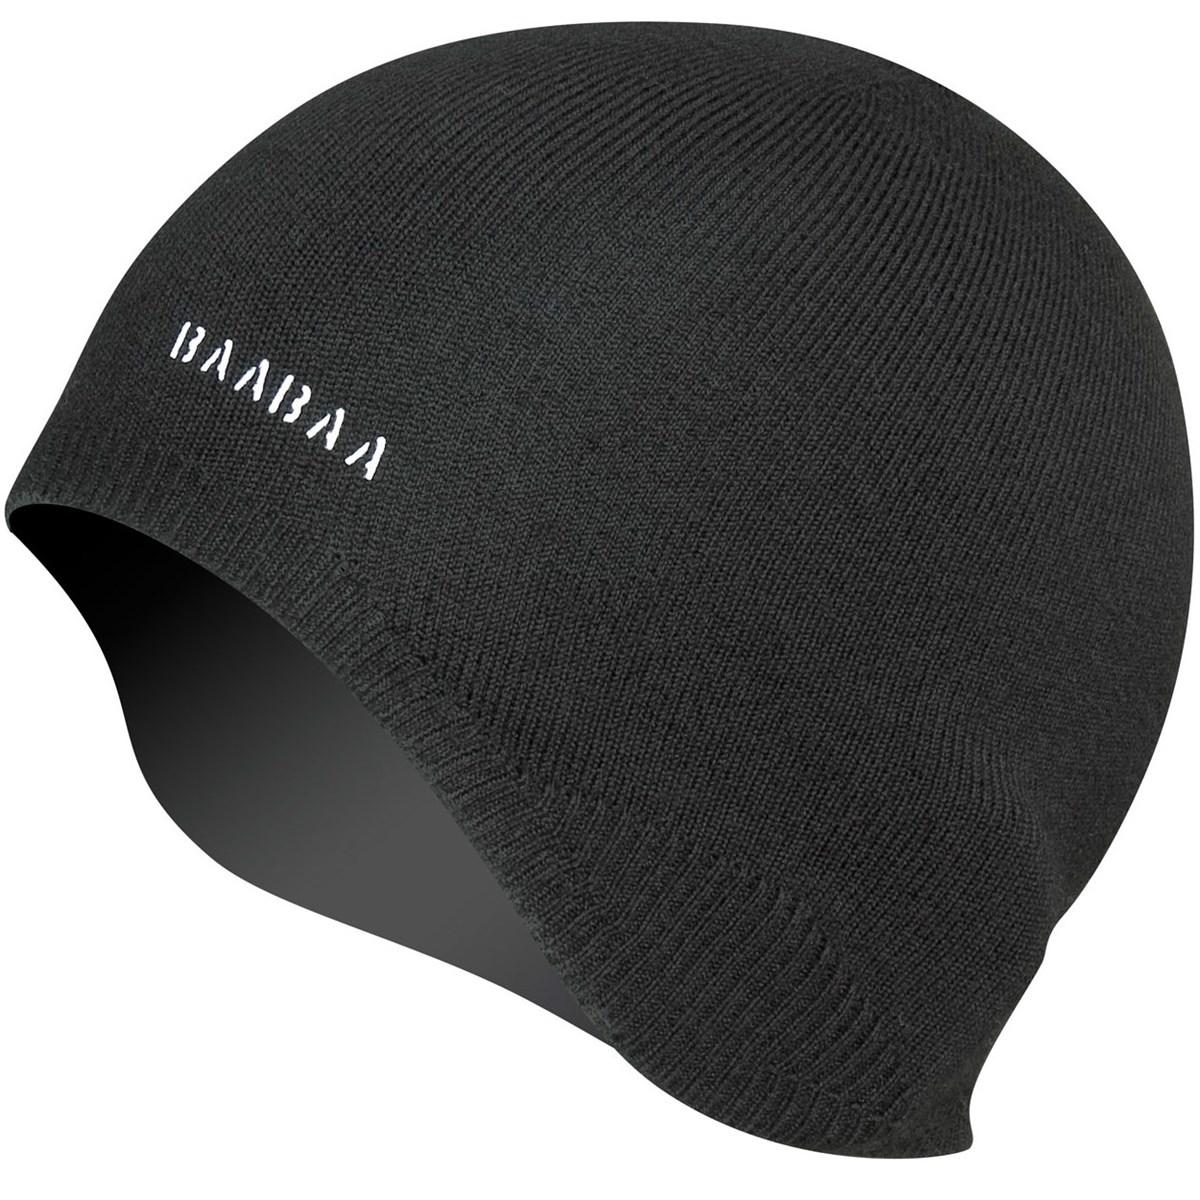 03bf6f670b5 Endura BaaBaa Merino Wool Cycling Skullcap £13.99